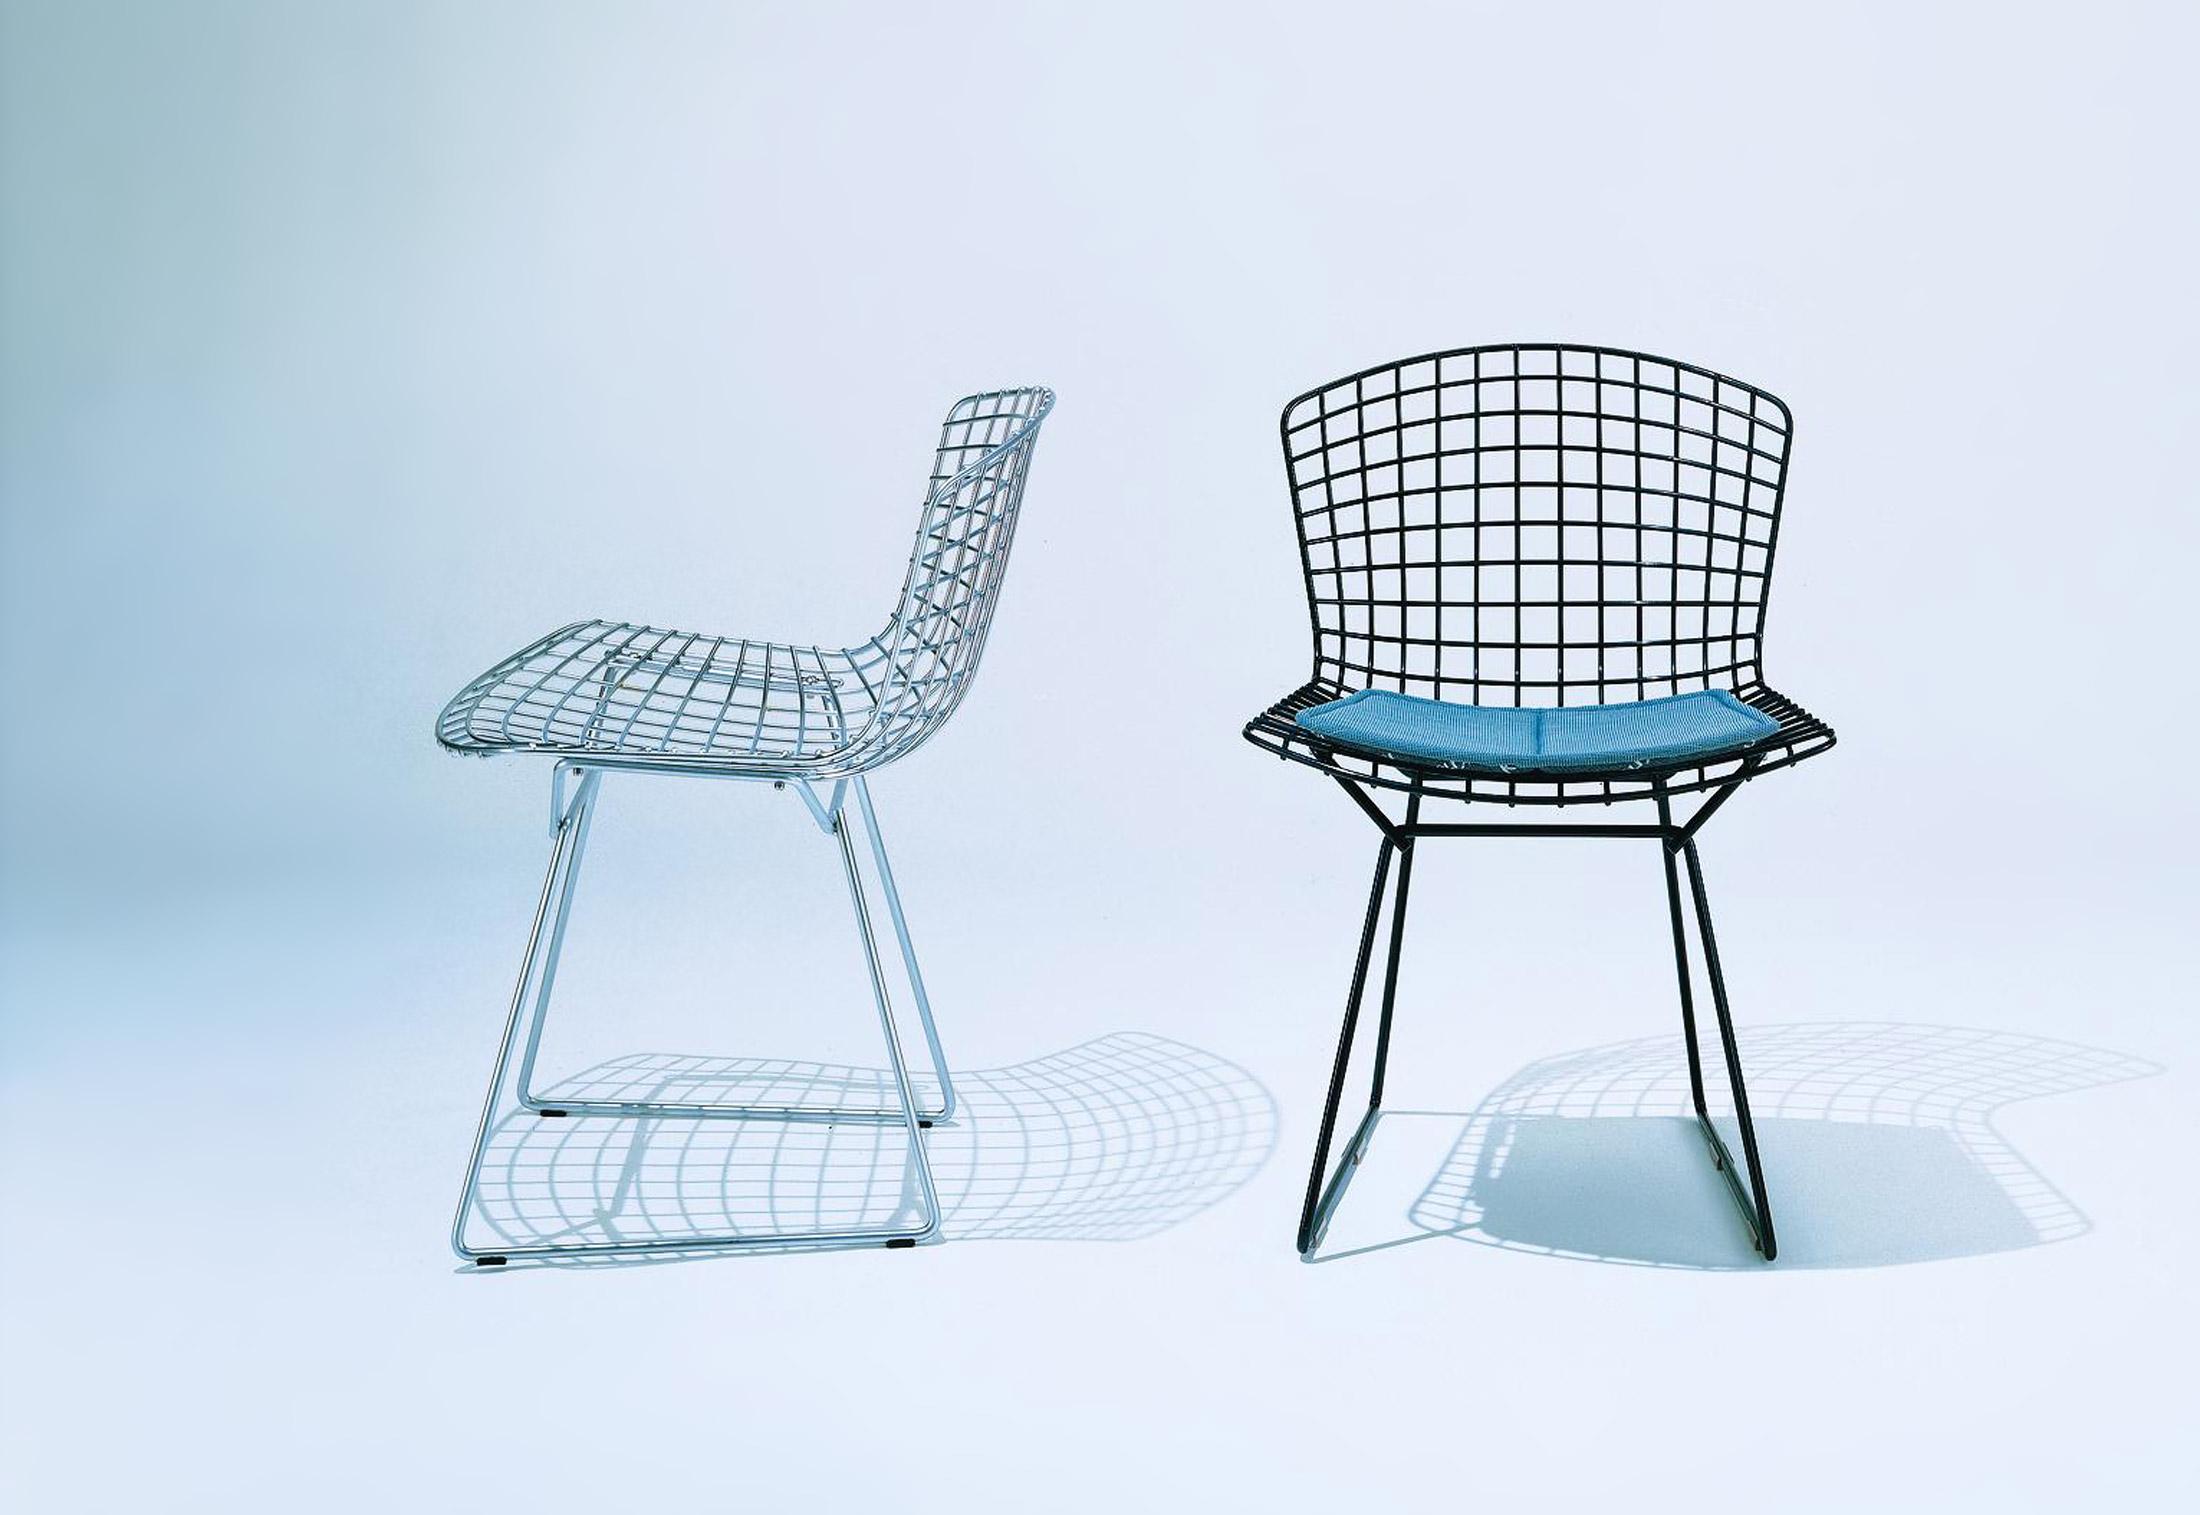 Bertoia longue seating di knoll sedie poltroncine for Sedie design knoll